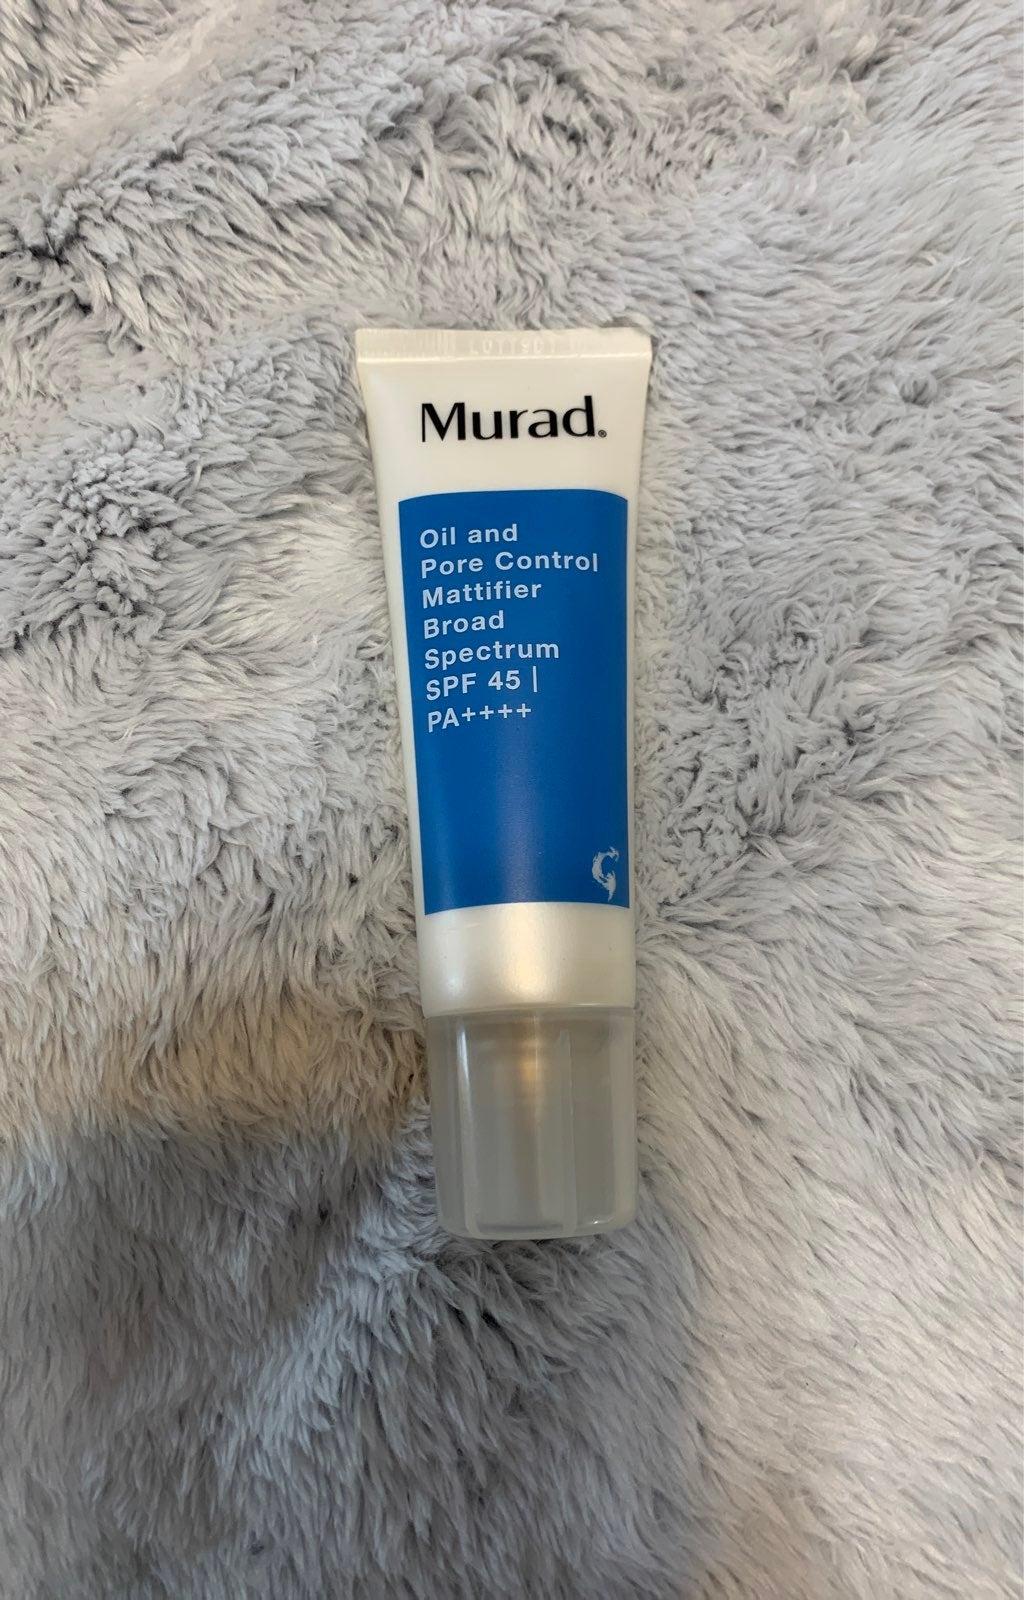 Murad Oil and Pore Control Mattifier